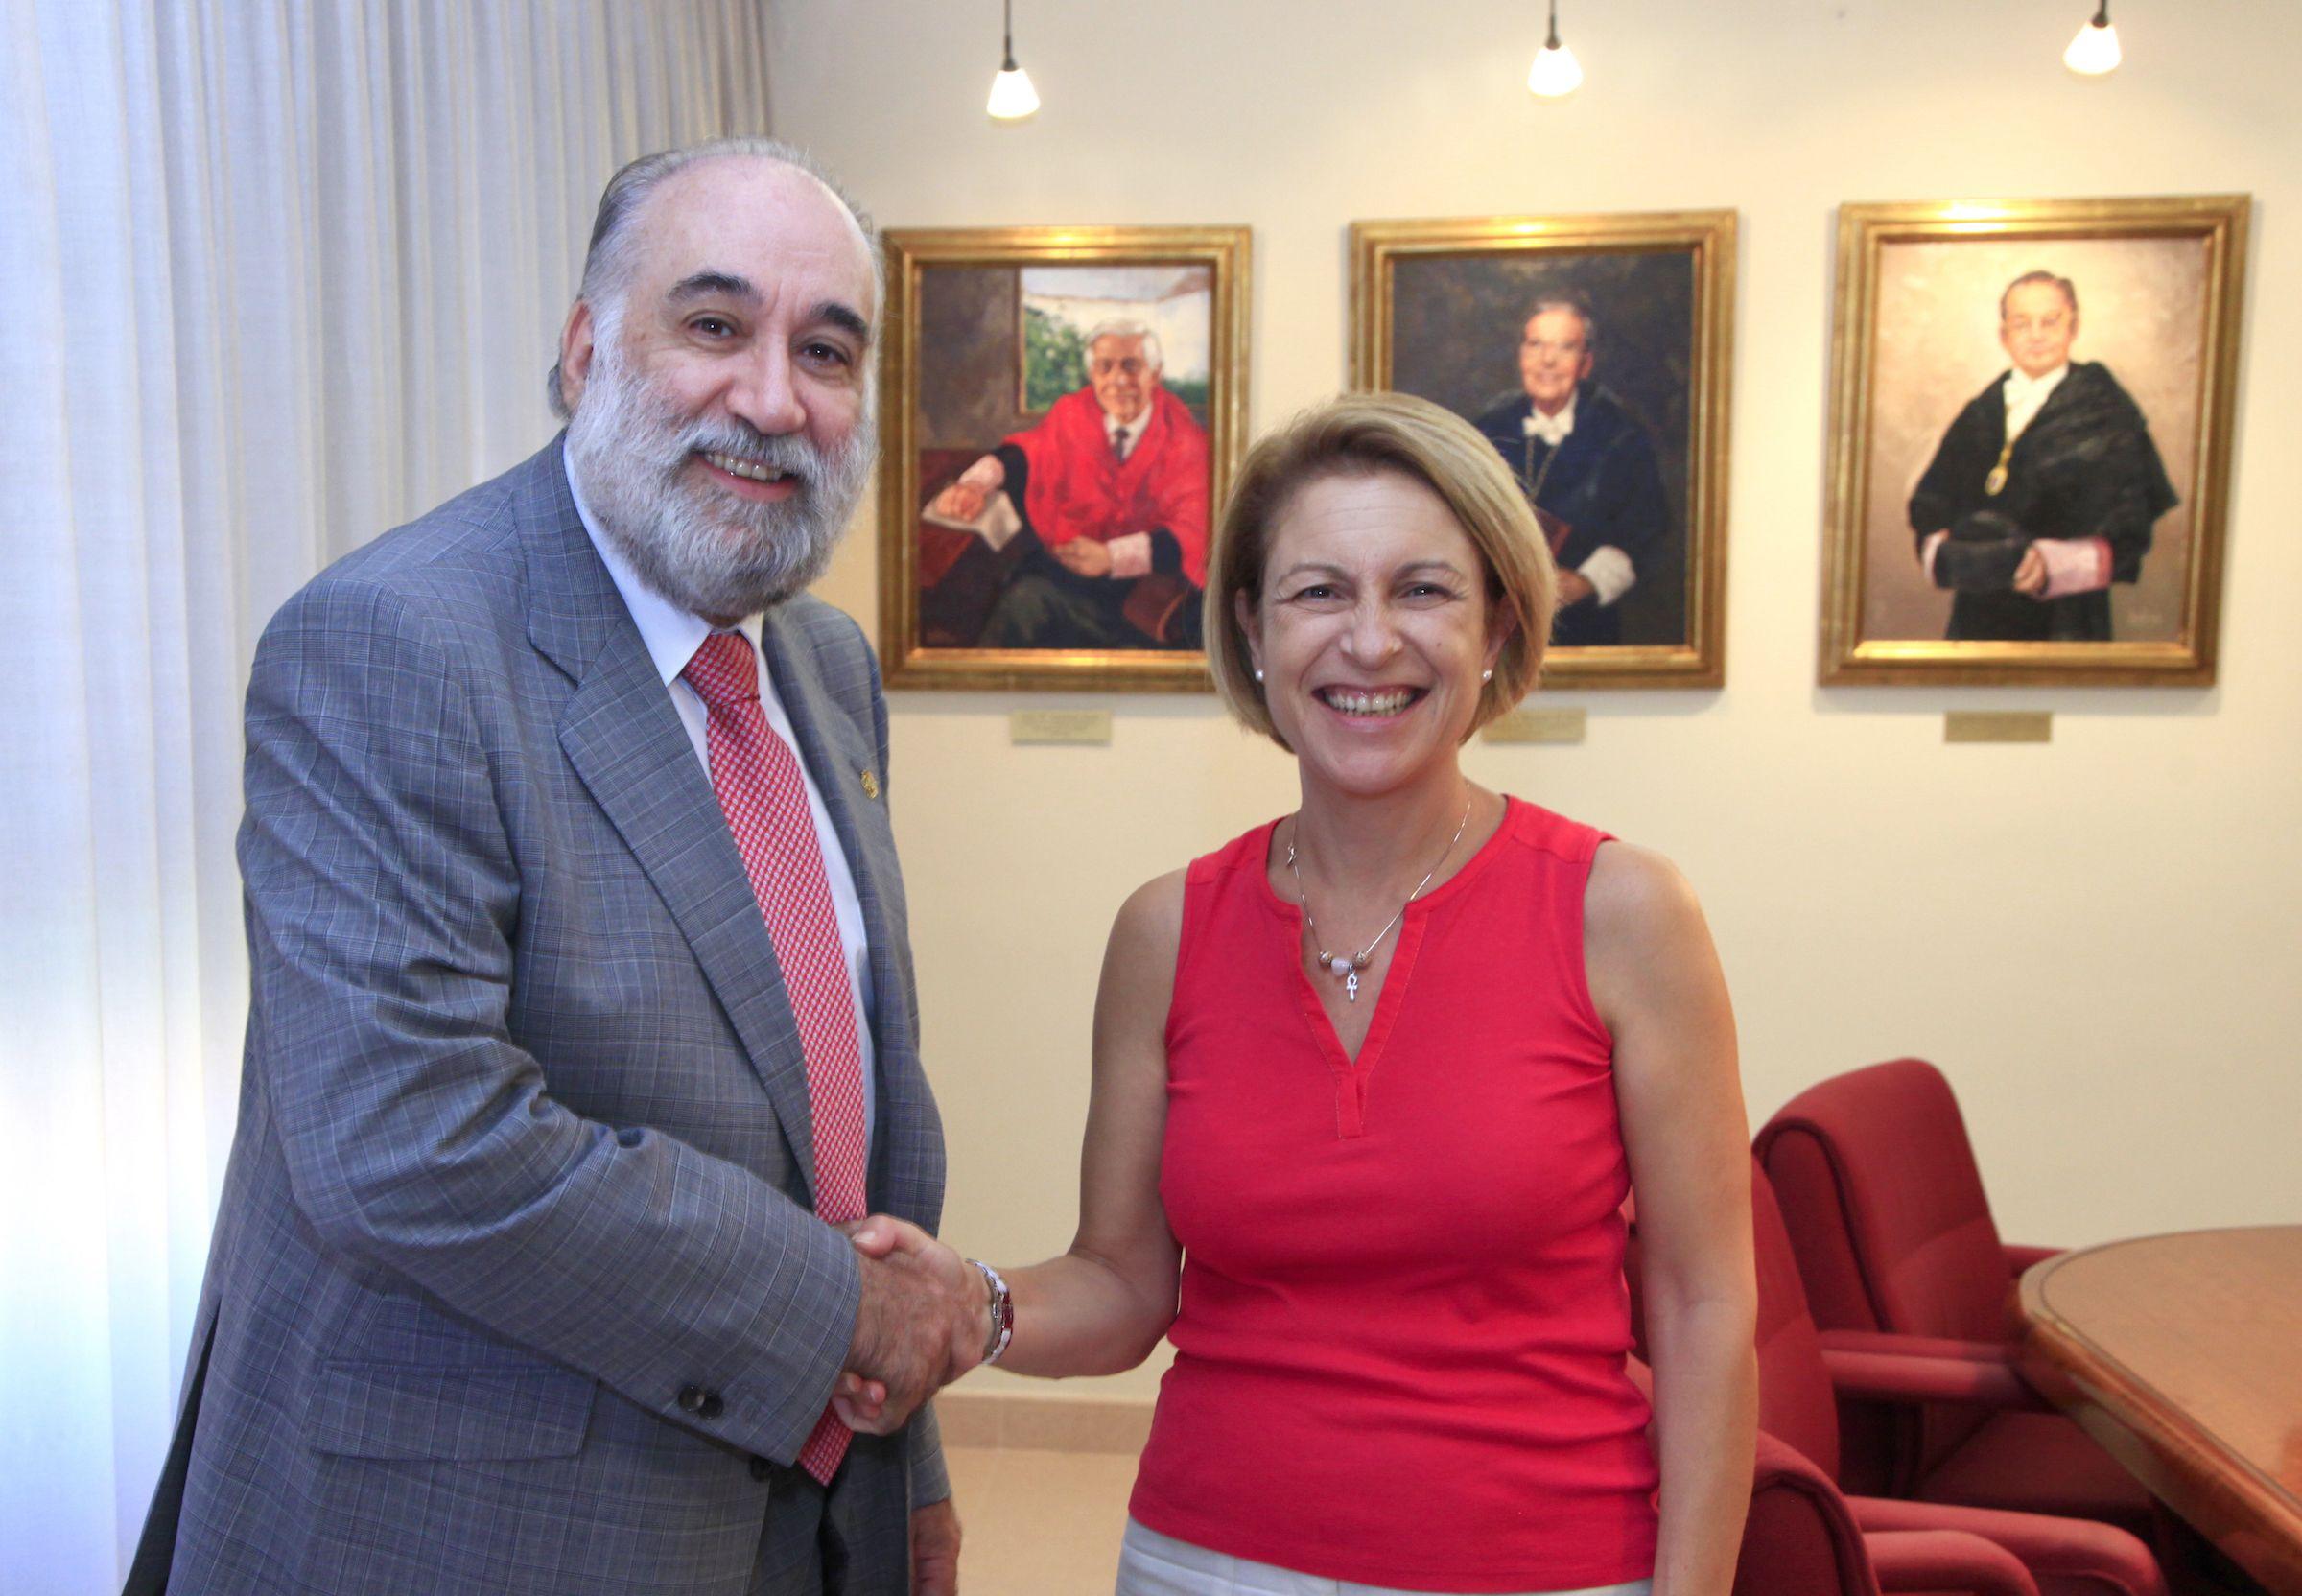 El decano del COPCV, Francisco Santolaya, y la rectora de la CEU UCH, Rosa Visiedo, han suscrito el nuevo convenio de colaboración en investigación entre ambas entidades.